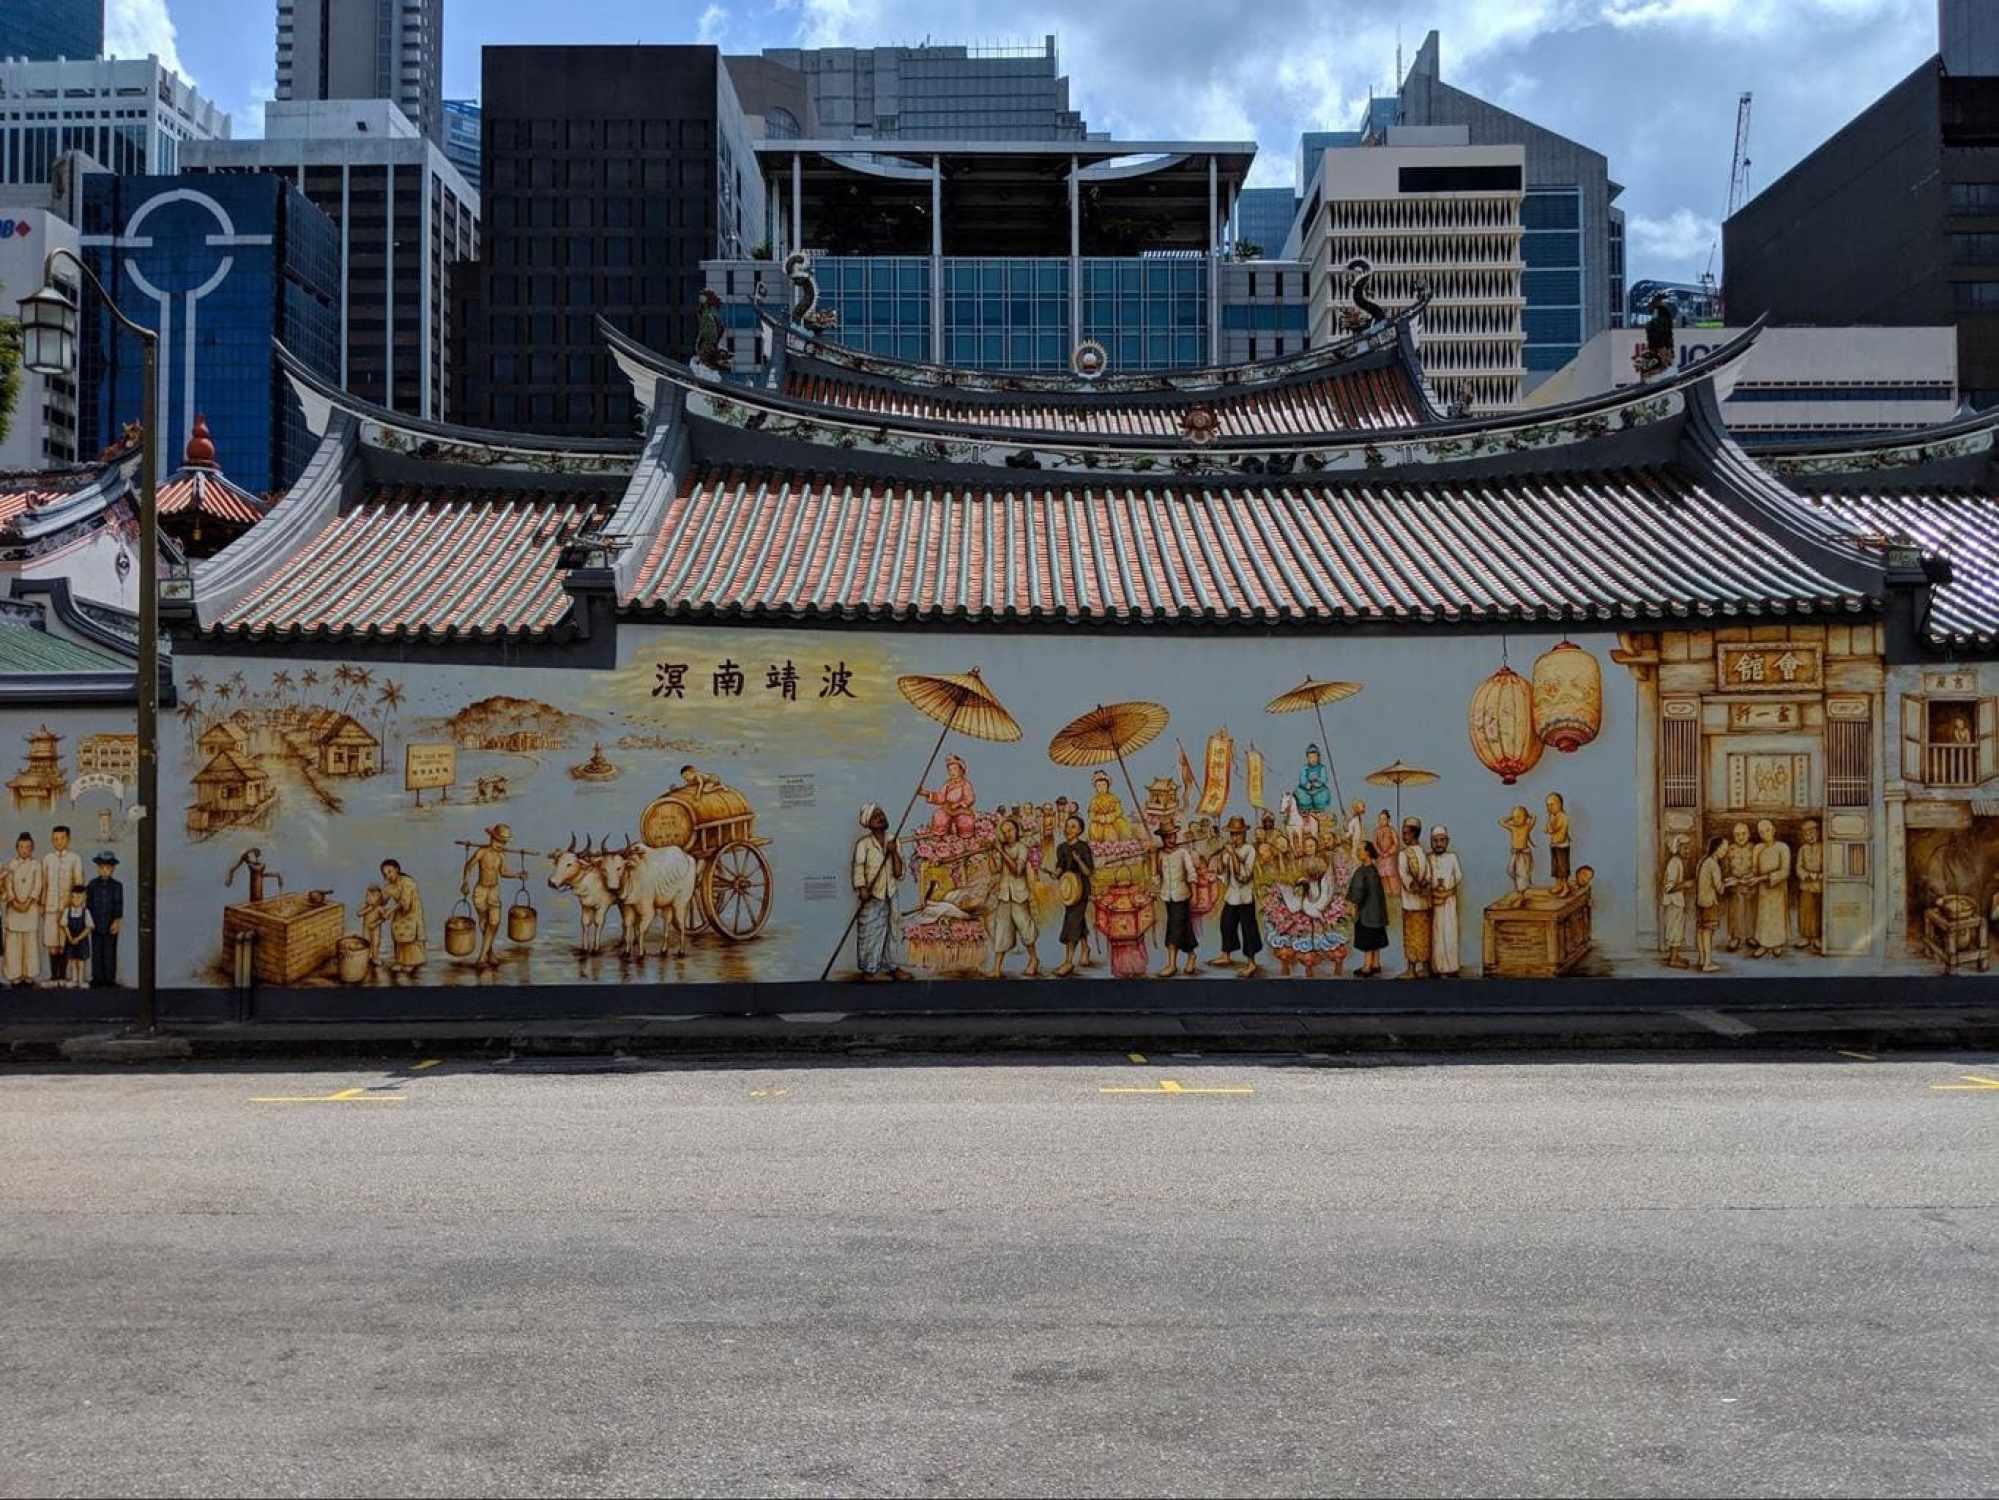 Yip Yew Chong's murals